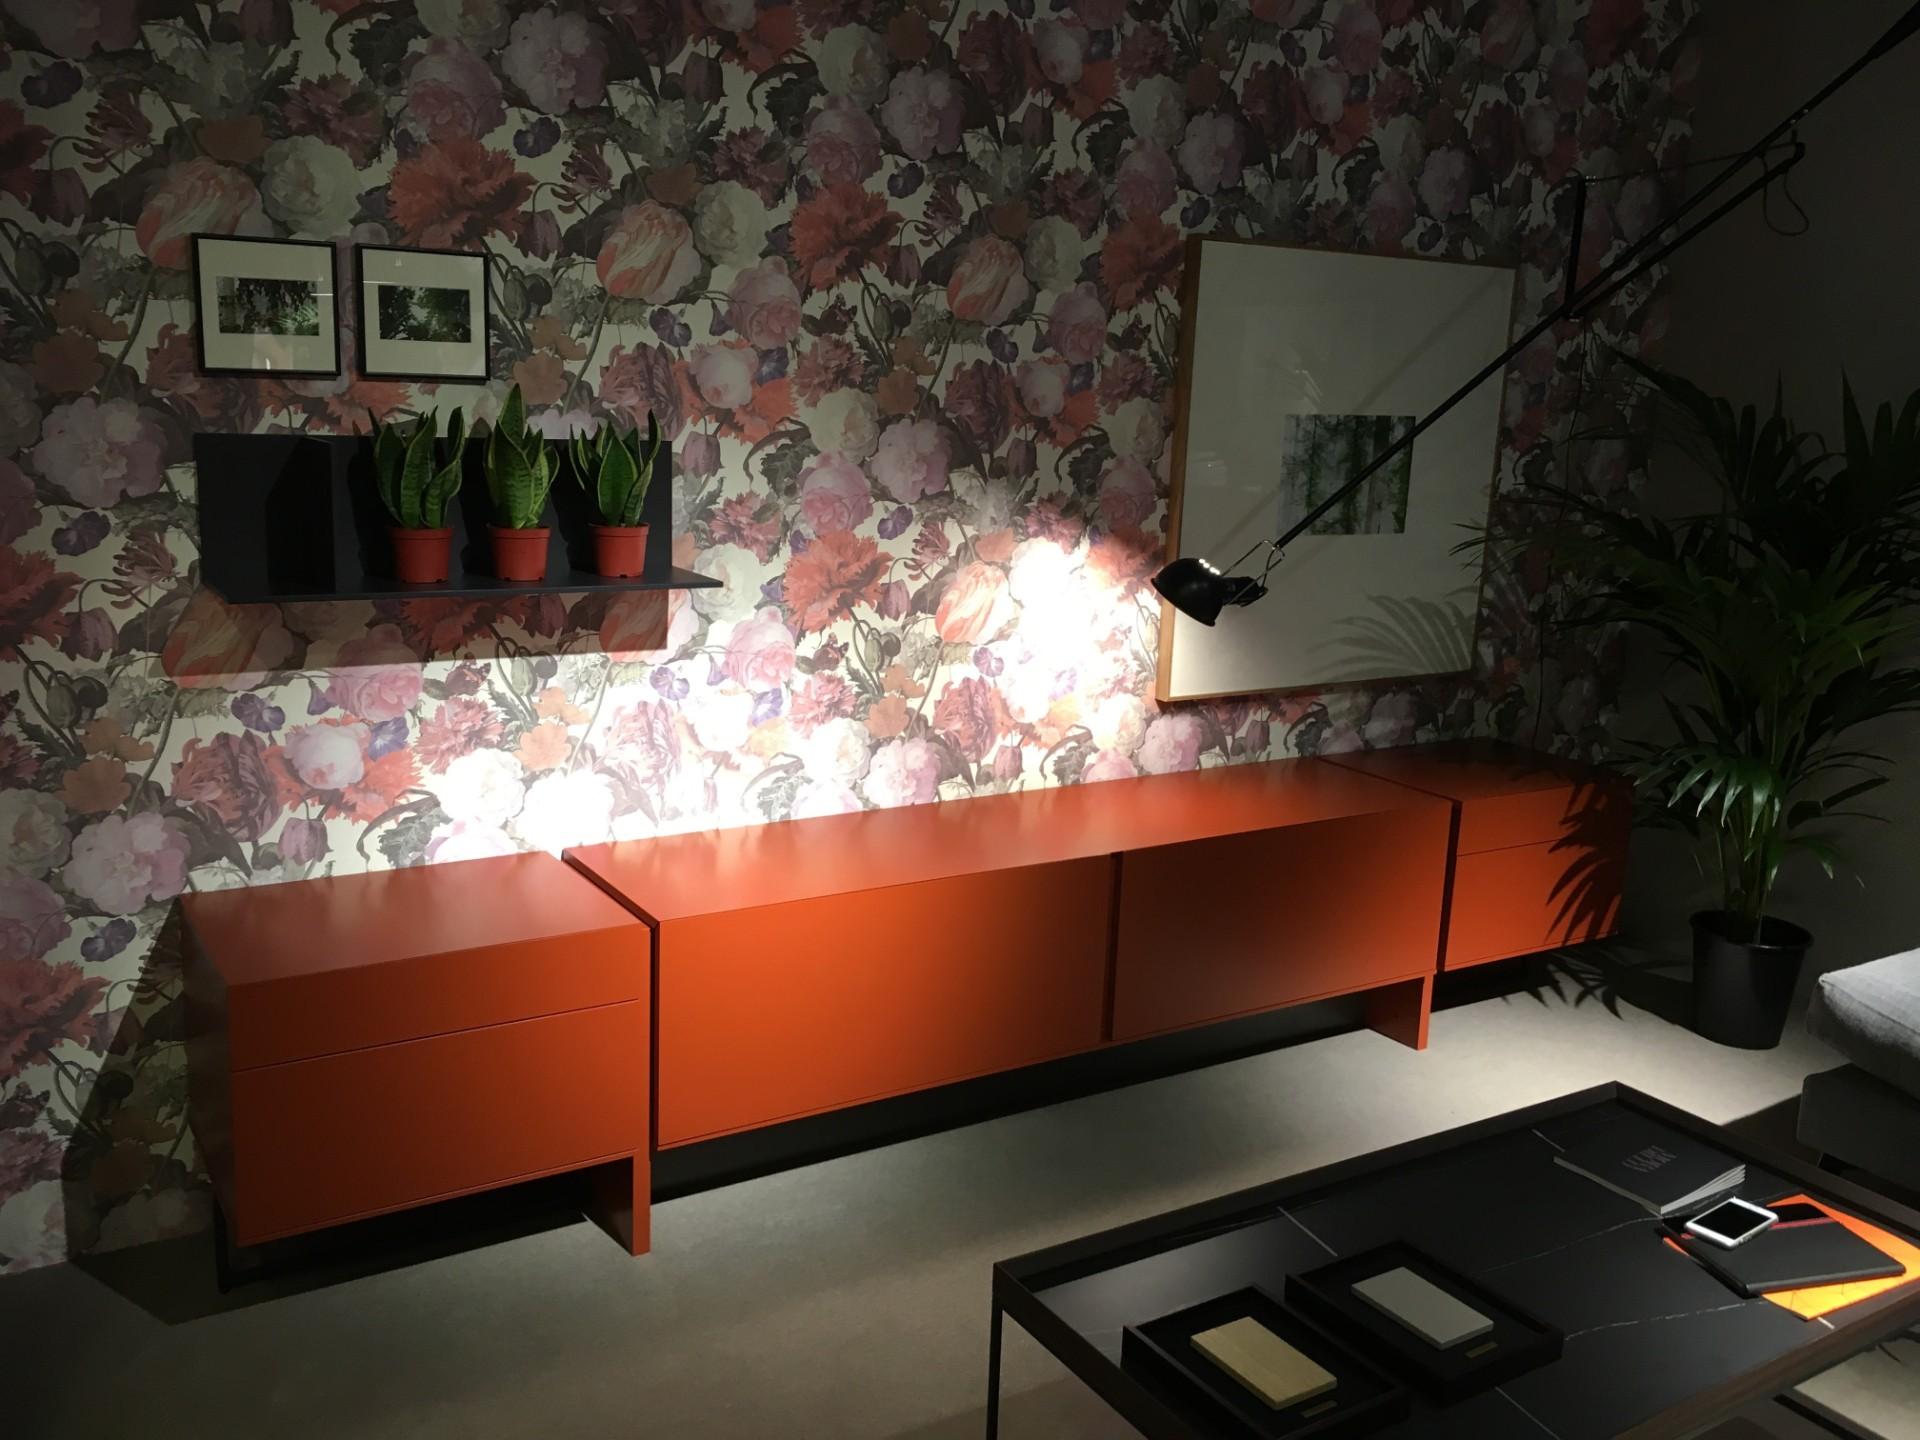 feria-habitat-valencia-2018-interiorismo-interiores-mobiliario-muebles-17